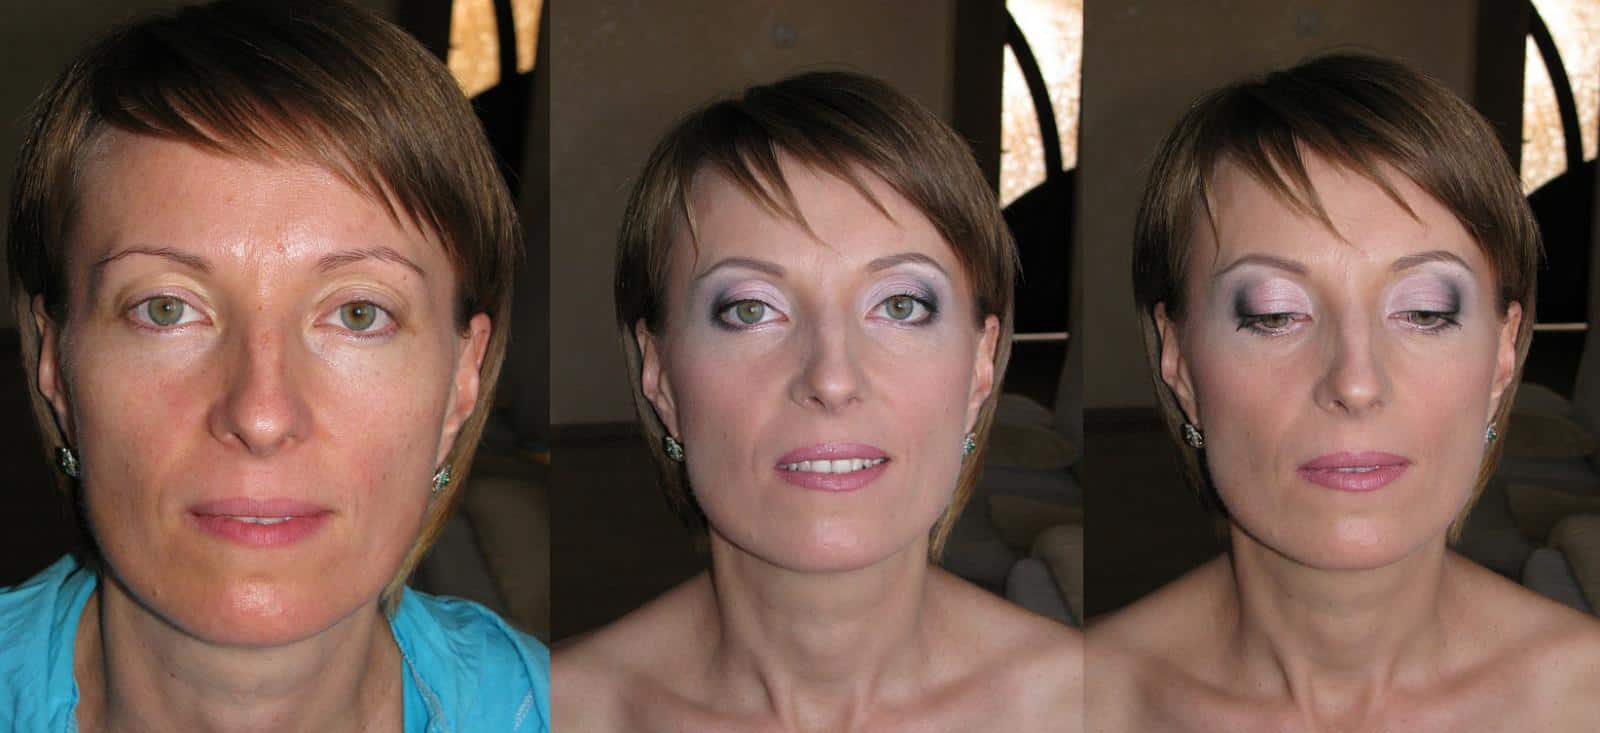 Возрастной макияж глаз с нависающим веком пошаговое фото